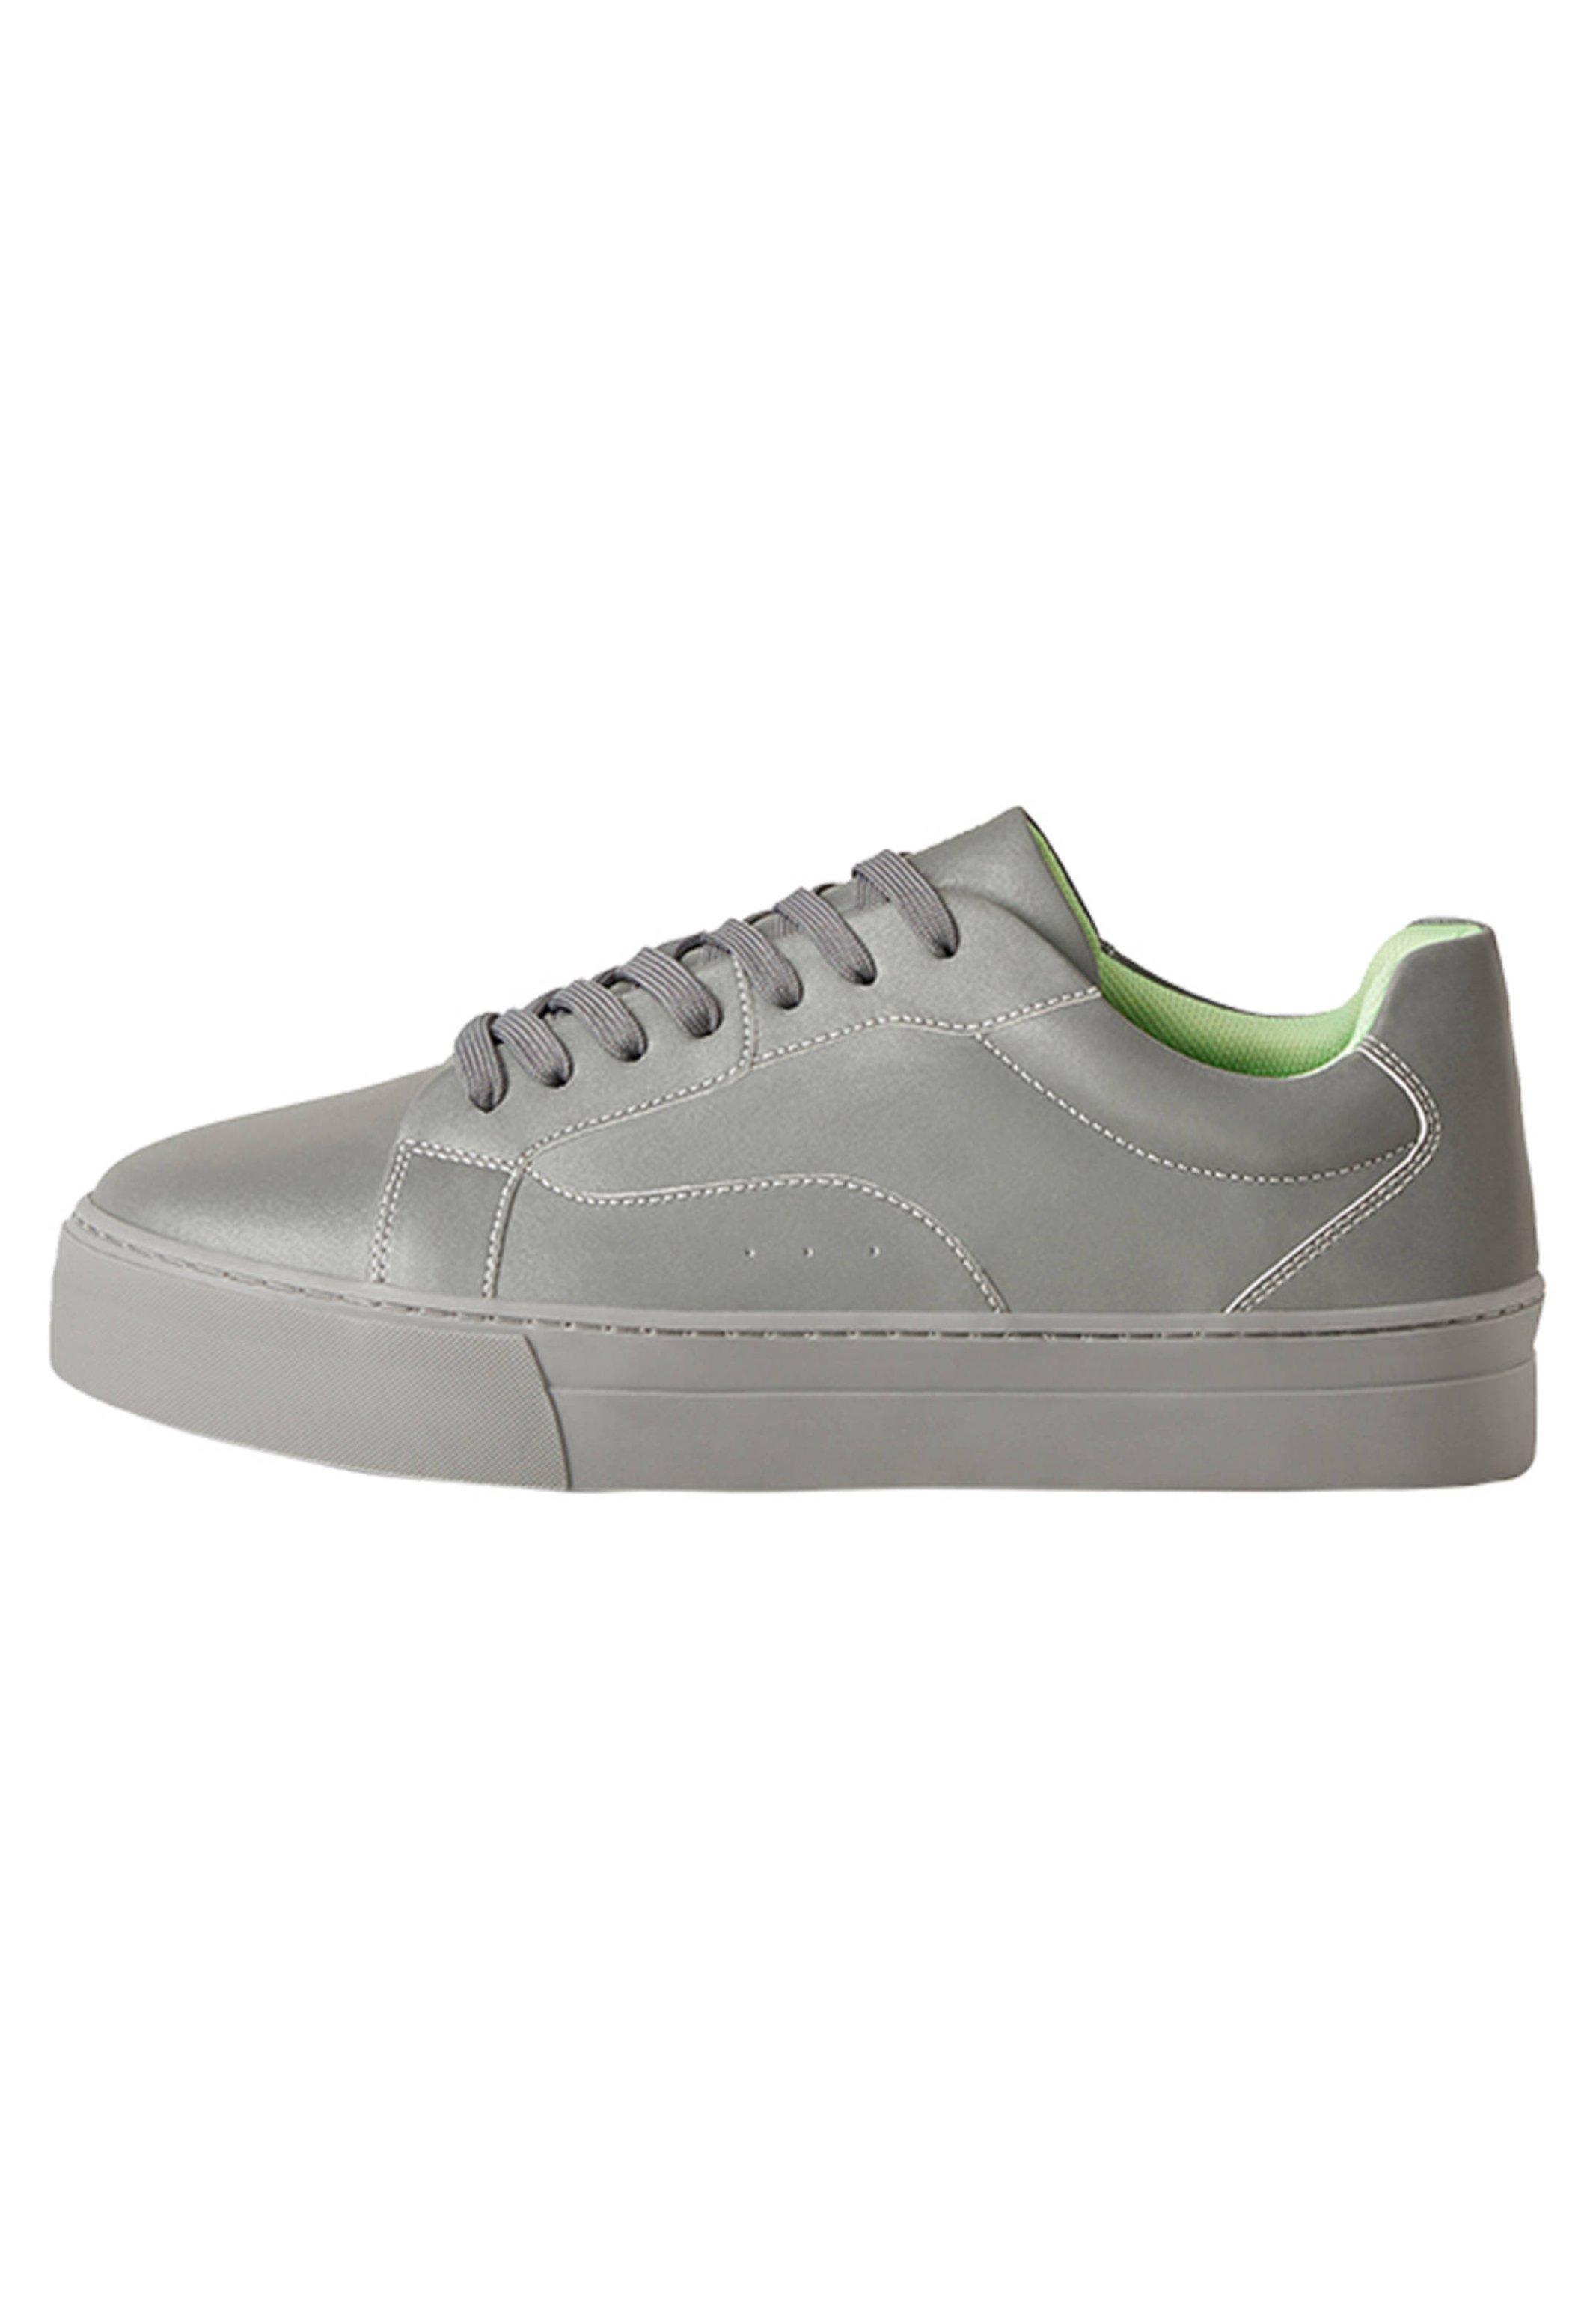 Silverfärgade Herrskor | Köp skor online på Zalando.se